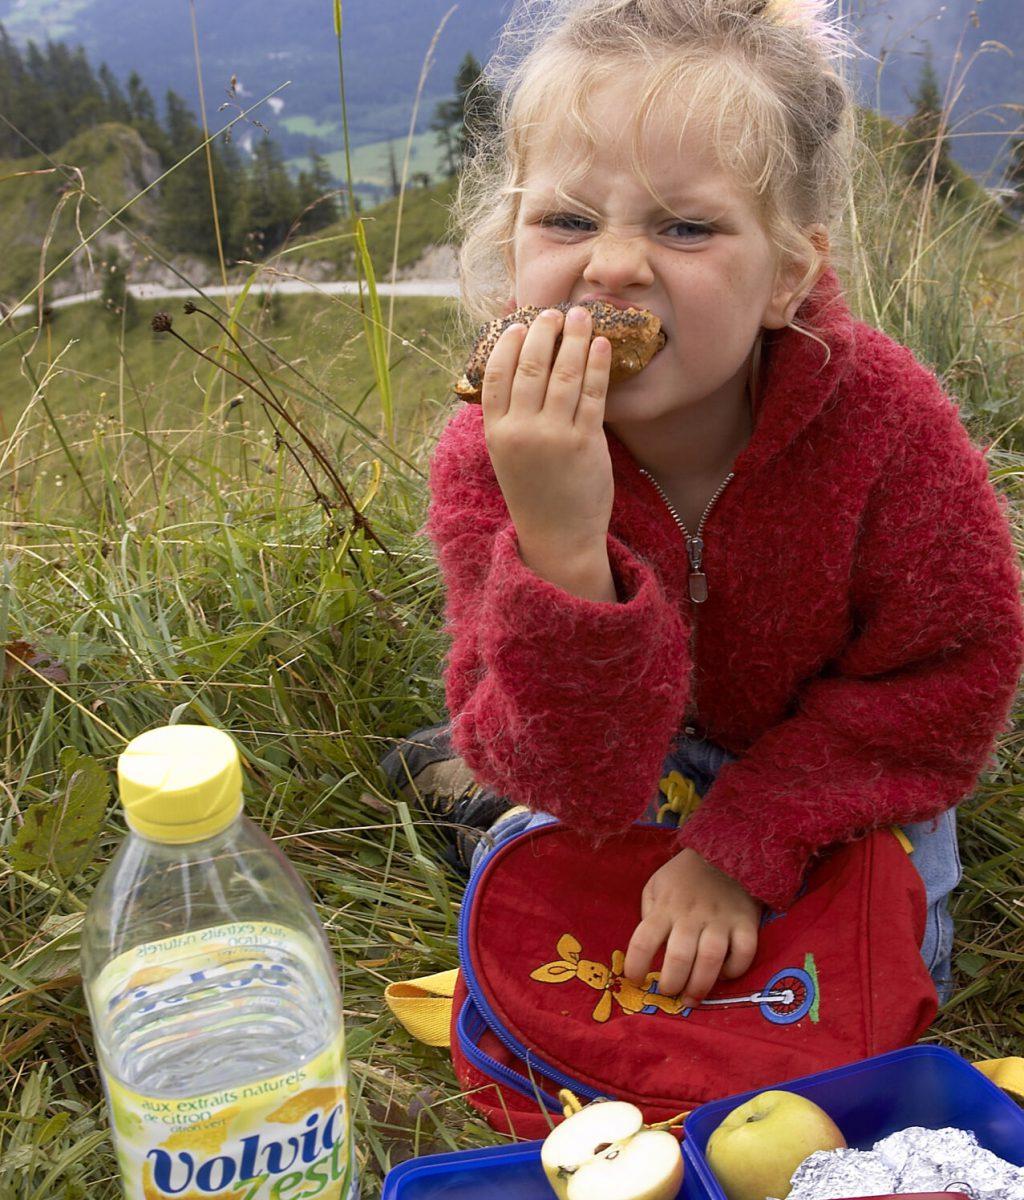 ©Bettina Brinkmann/MAXPPP - Montreuil  le 09/08/2006 - ILLUSTRATION enfant et nourriture   ****AUTORISATION OK****